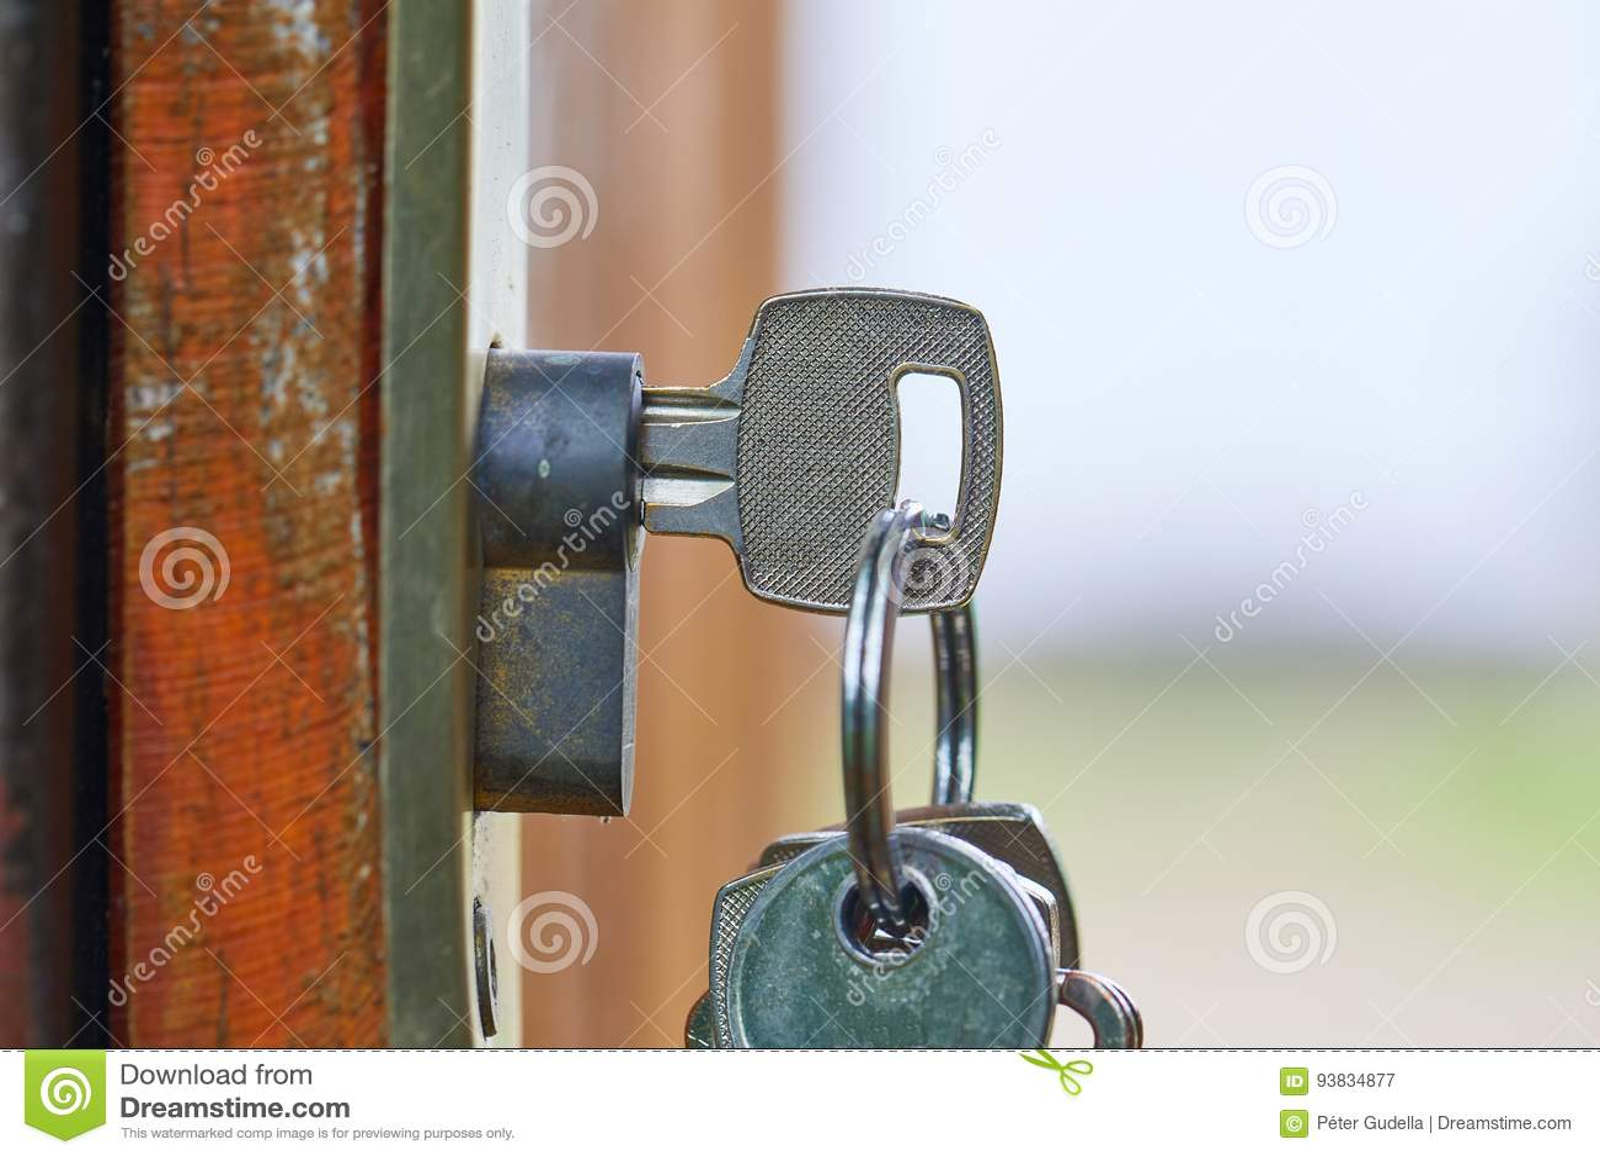 Öffnen sie gartentor mit schlüssel stockbild - bild von verriegelung